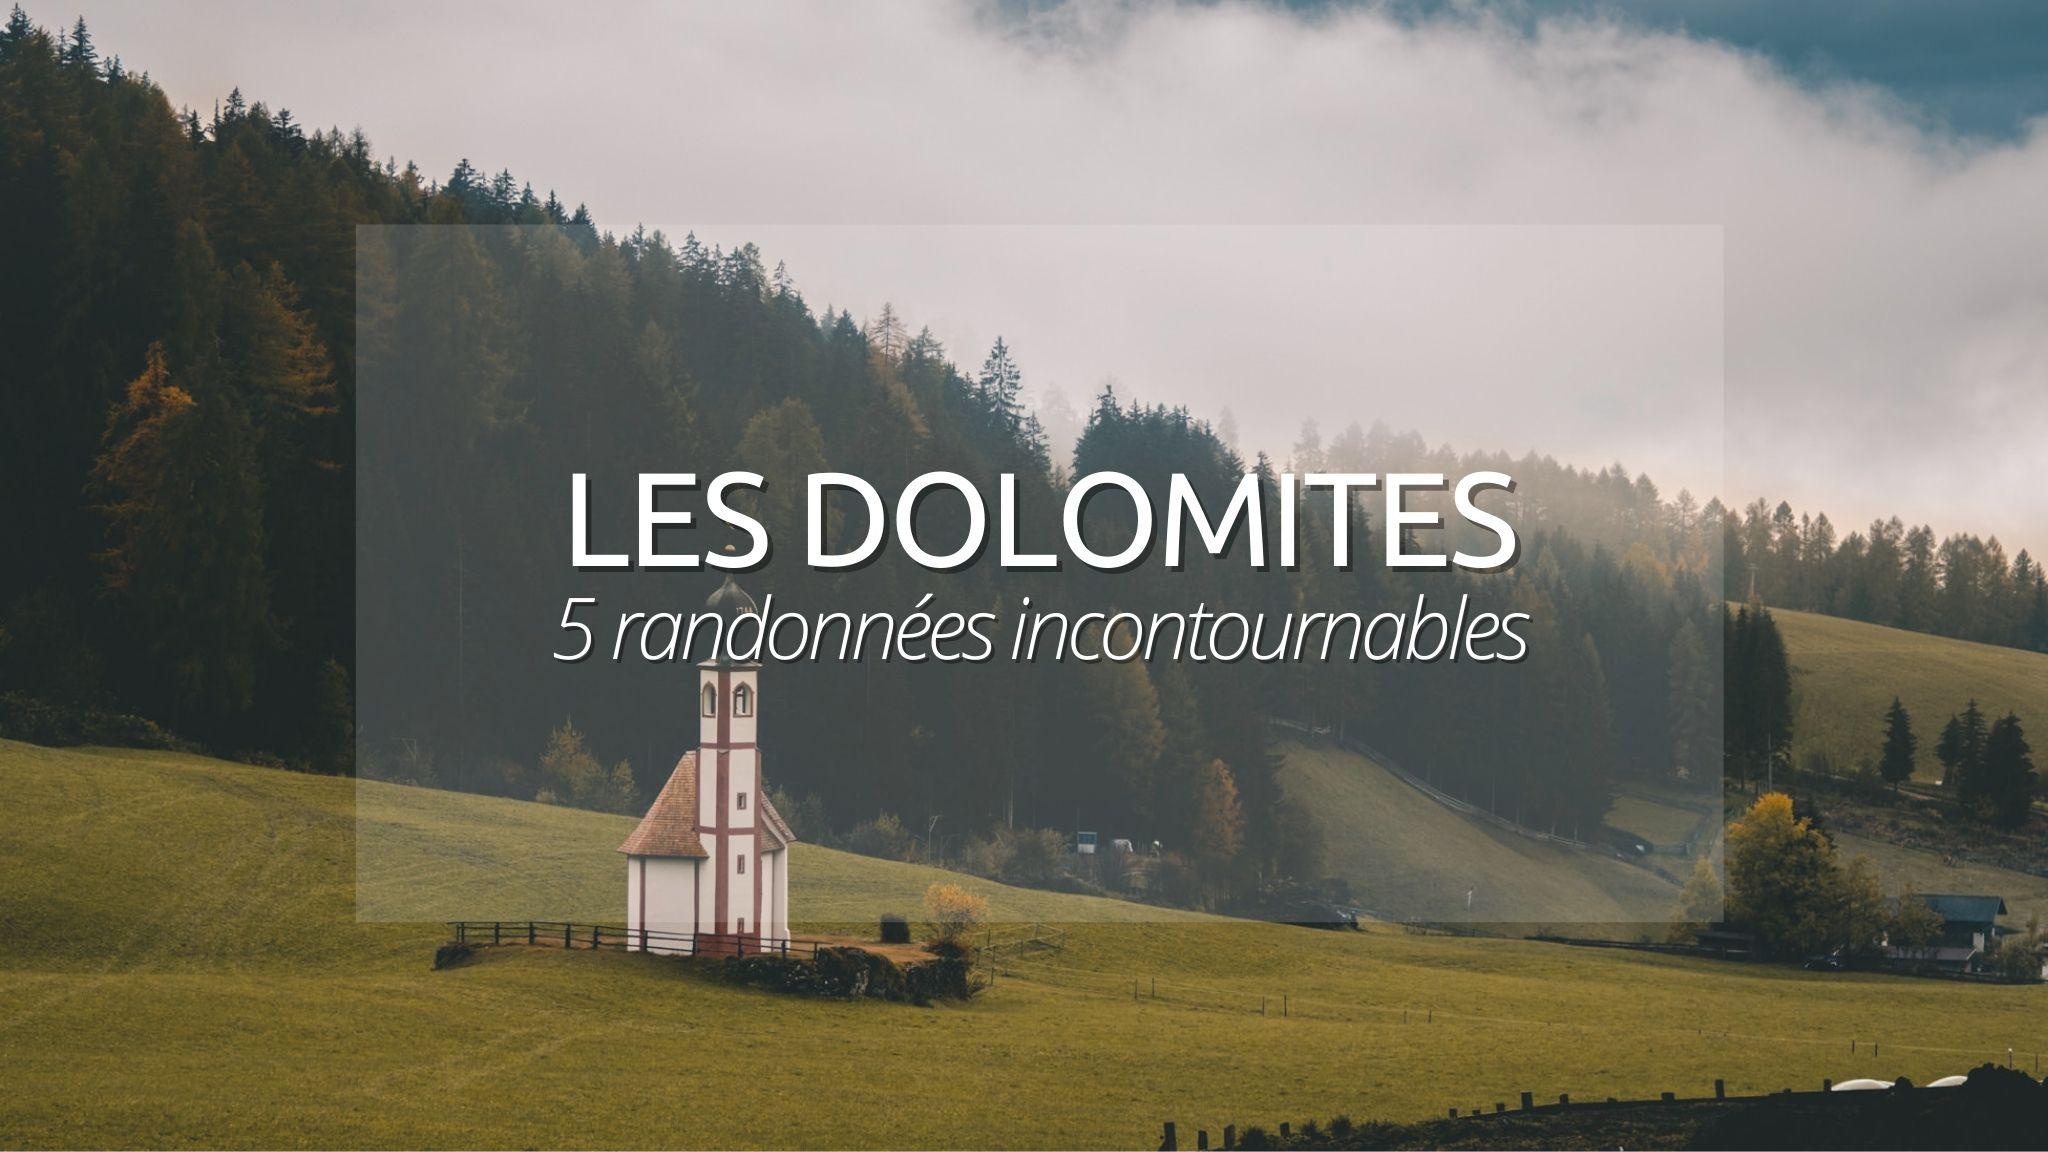 Randonnée dans les Dolomites : 6 itinéraires pour découvrir des paysages fabuleux